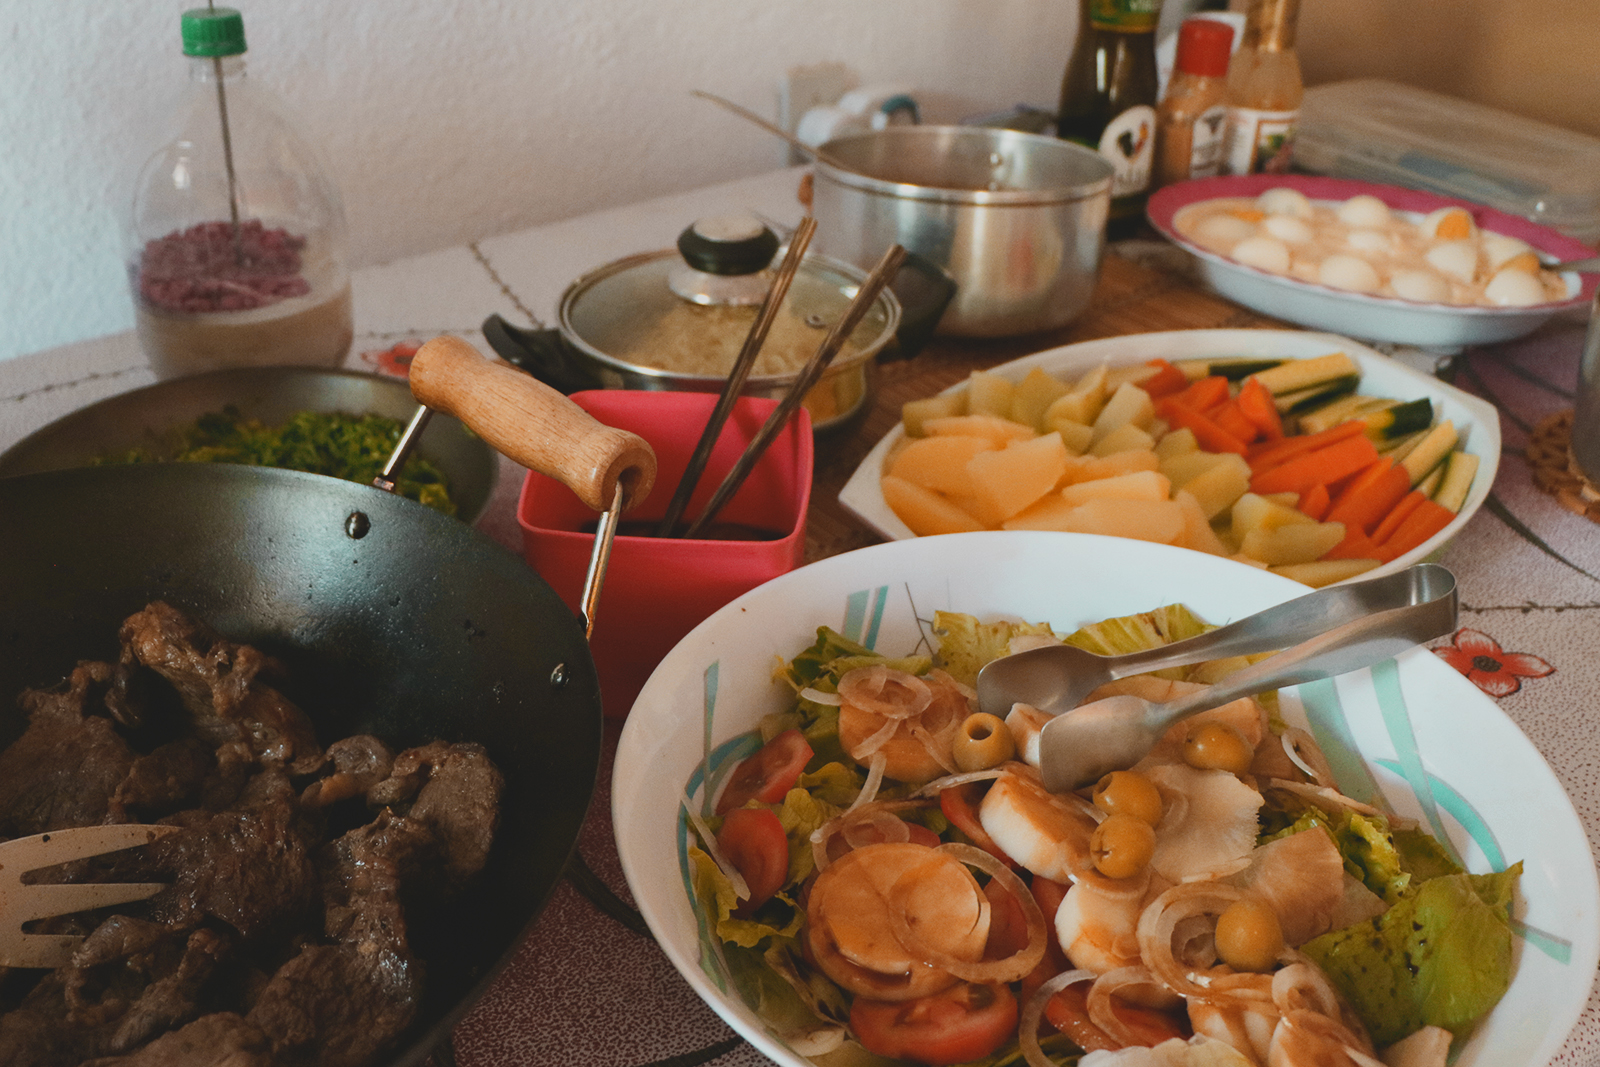 almoço caseiro em família